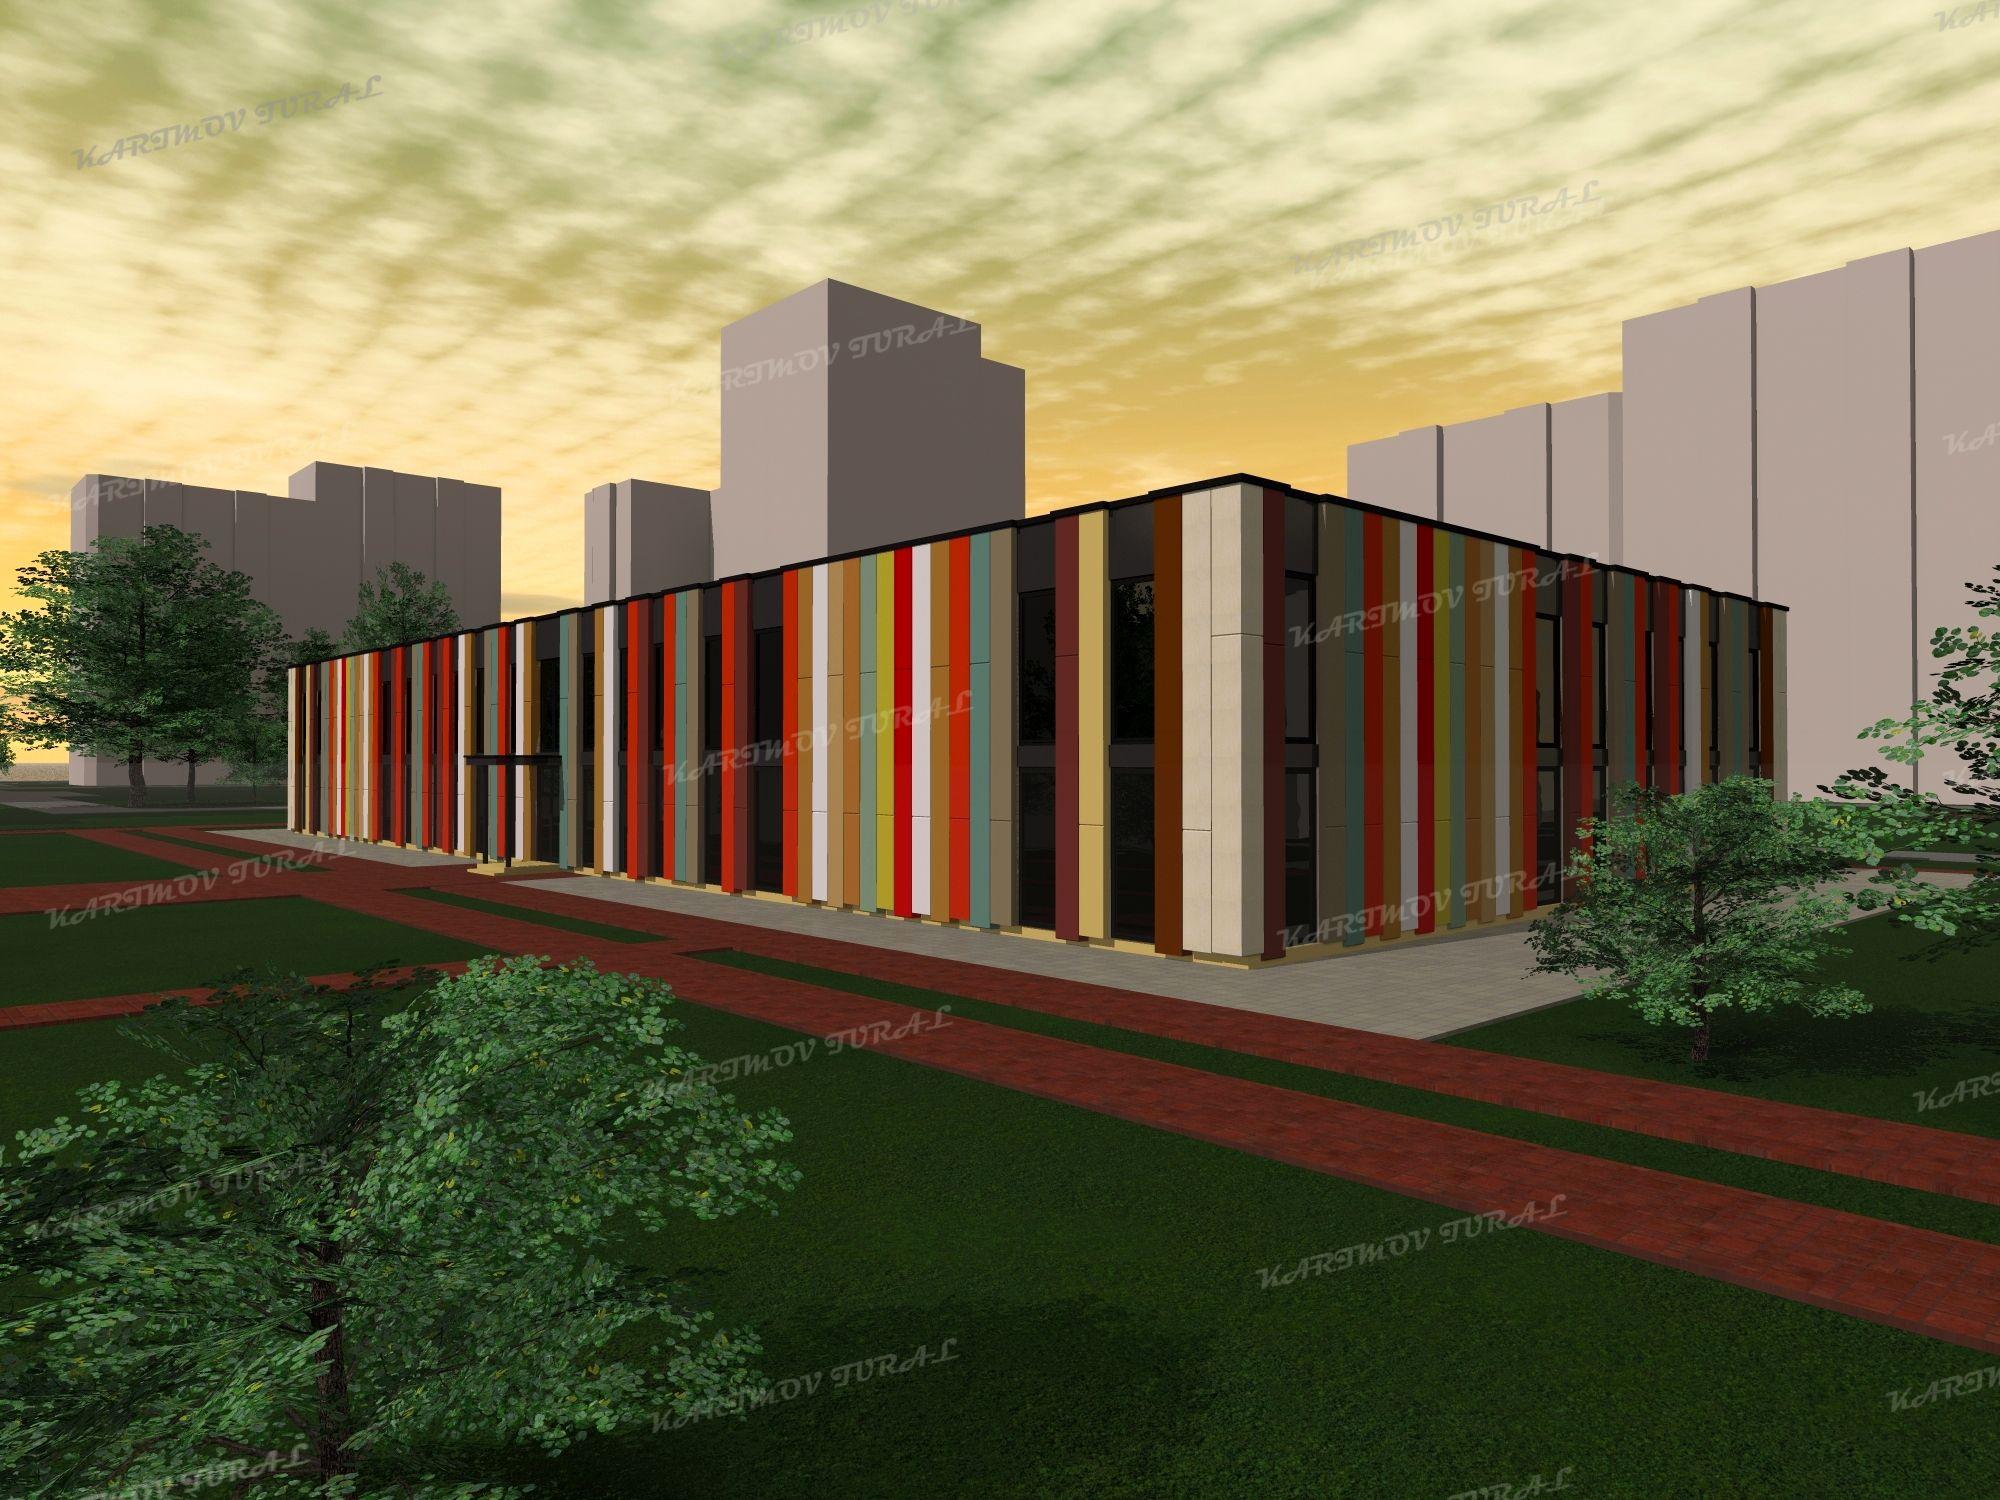 Проект детского сада в составе жилого комплекса на жителей  Проект детского сада в составе жилого комплекса на 8000 жителей собранный мною по референсу